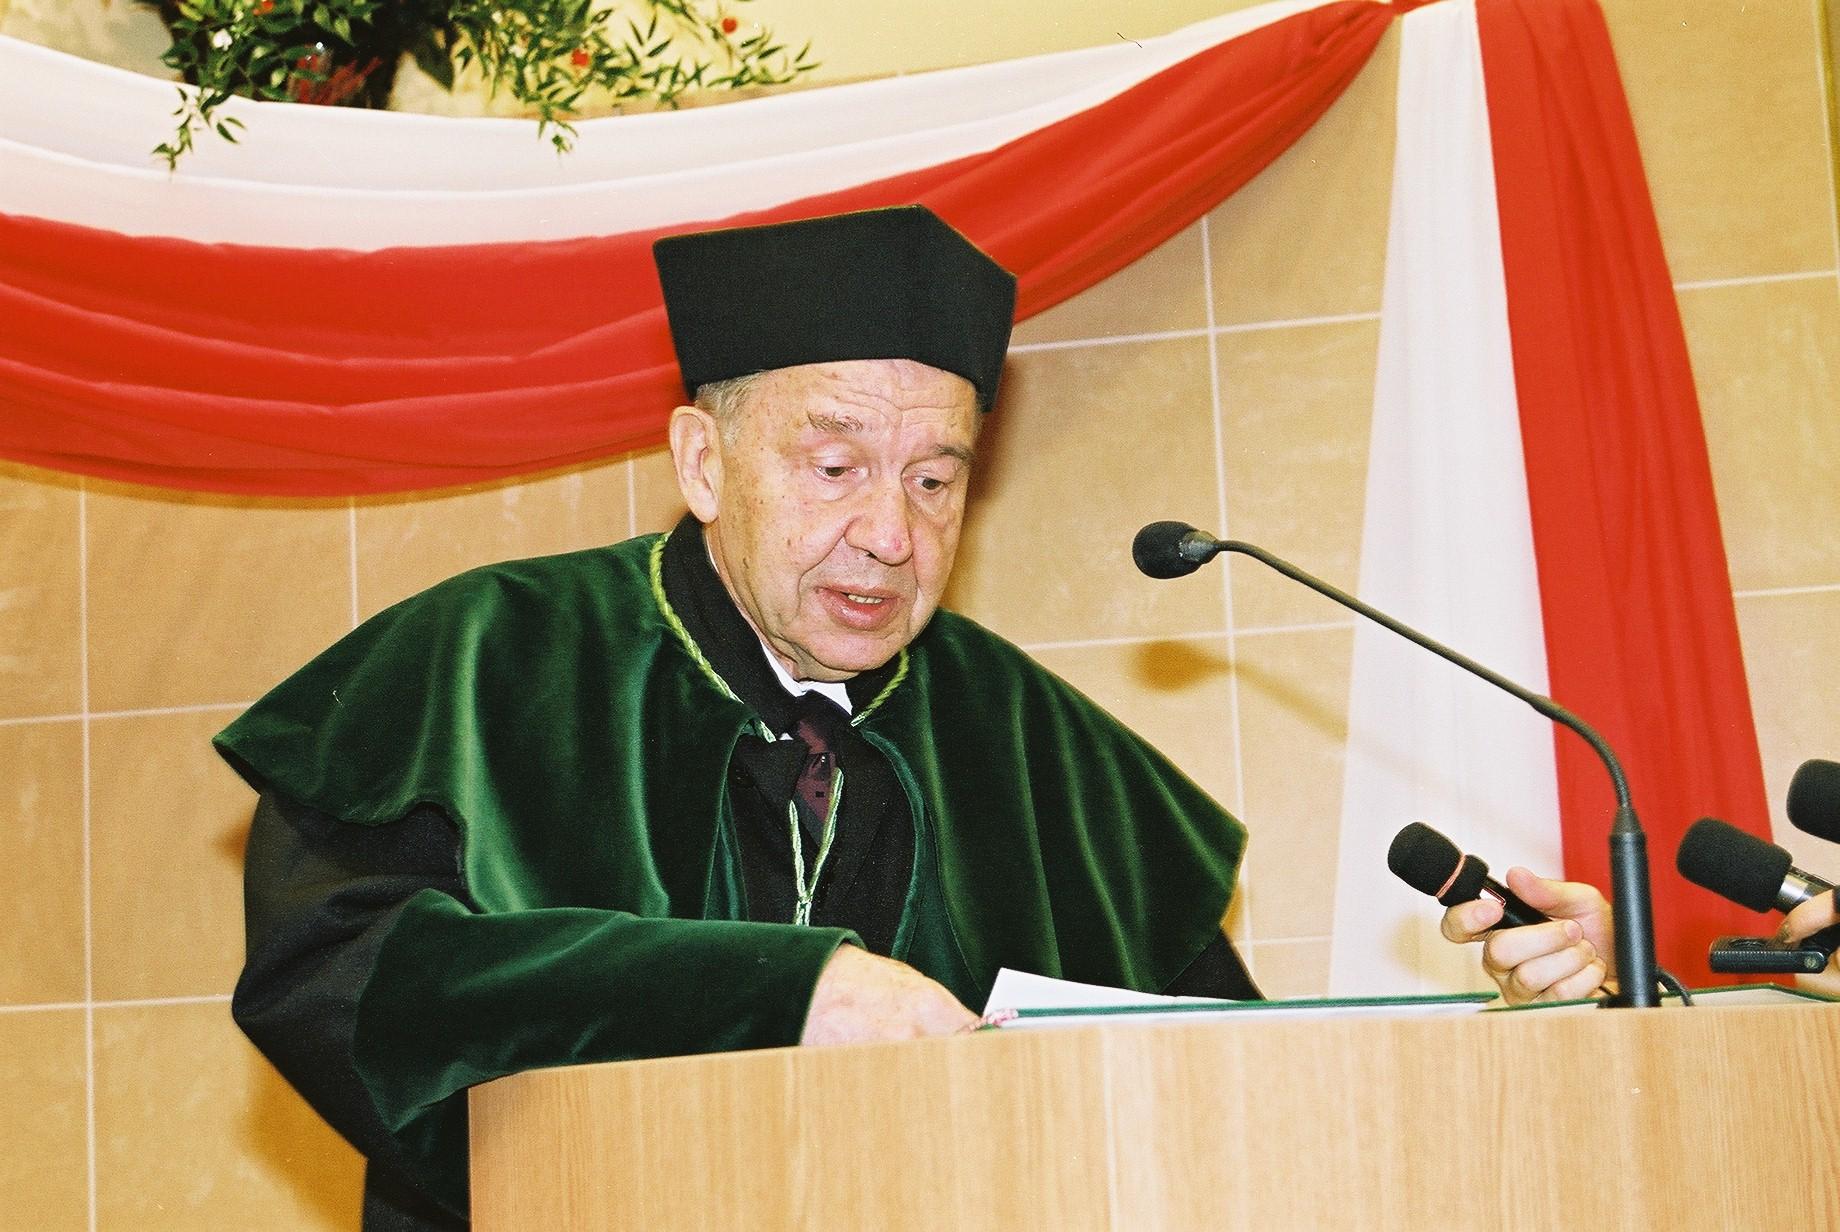 Nadanie tytułu doktora honoris causa Politechniki Świętokrzyskiej prof. Janowi Wojciechowi Osieckiemu